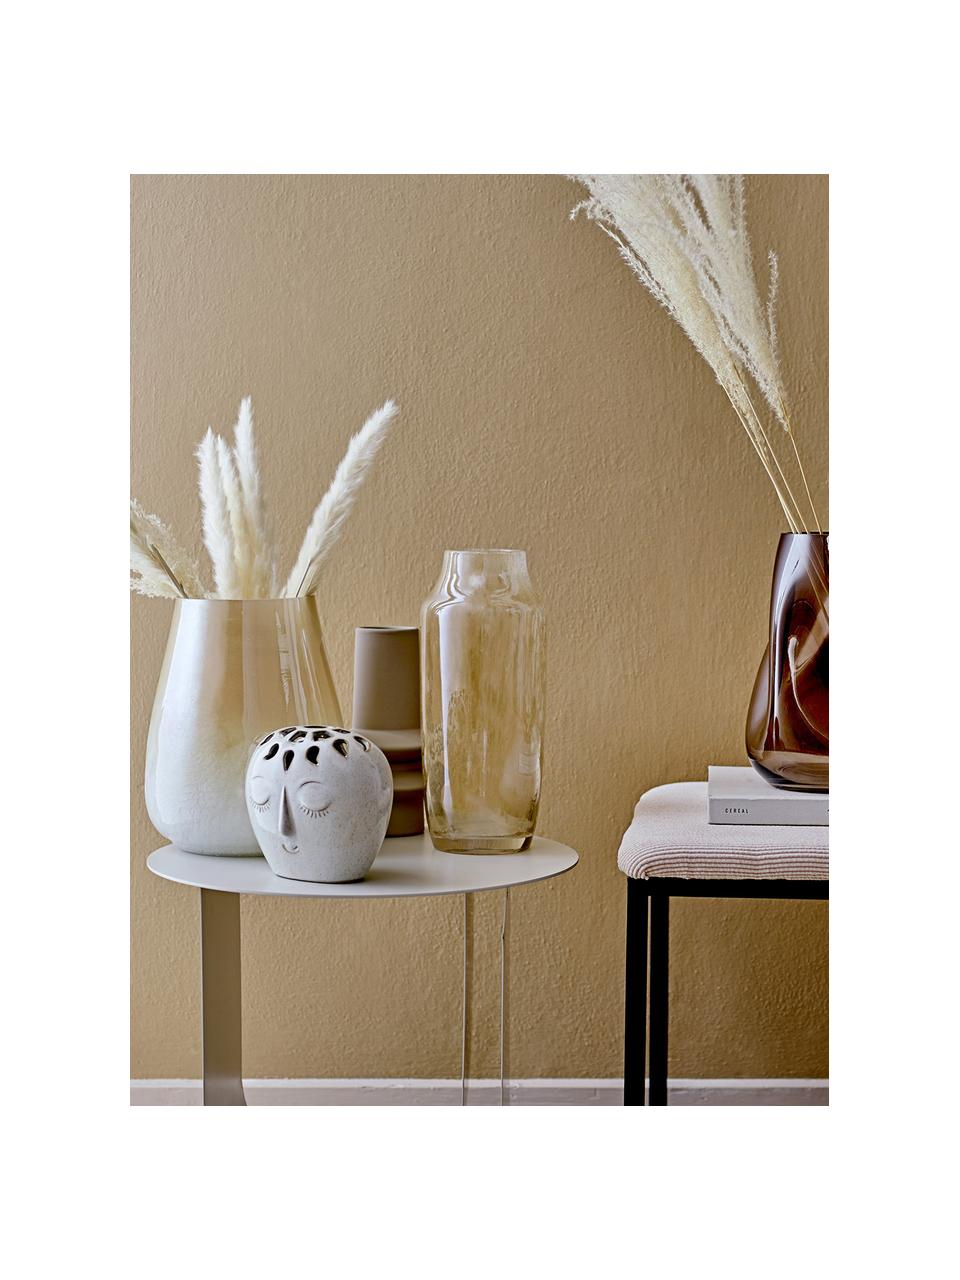 Vase Isold aus Steingut, Steingut, Braun, Ø 13 x H 22 cm